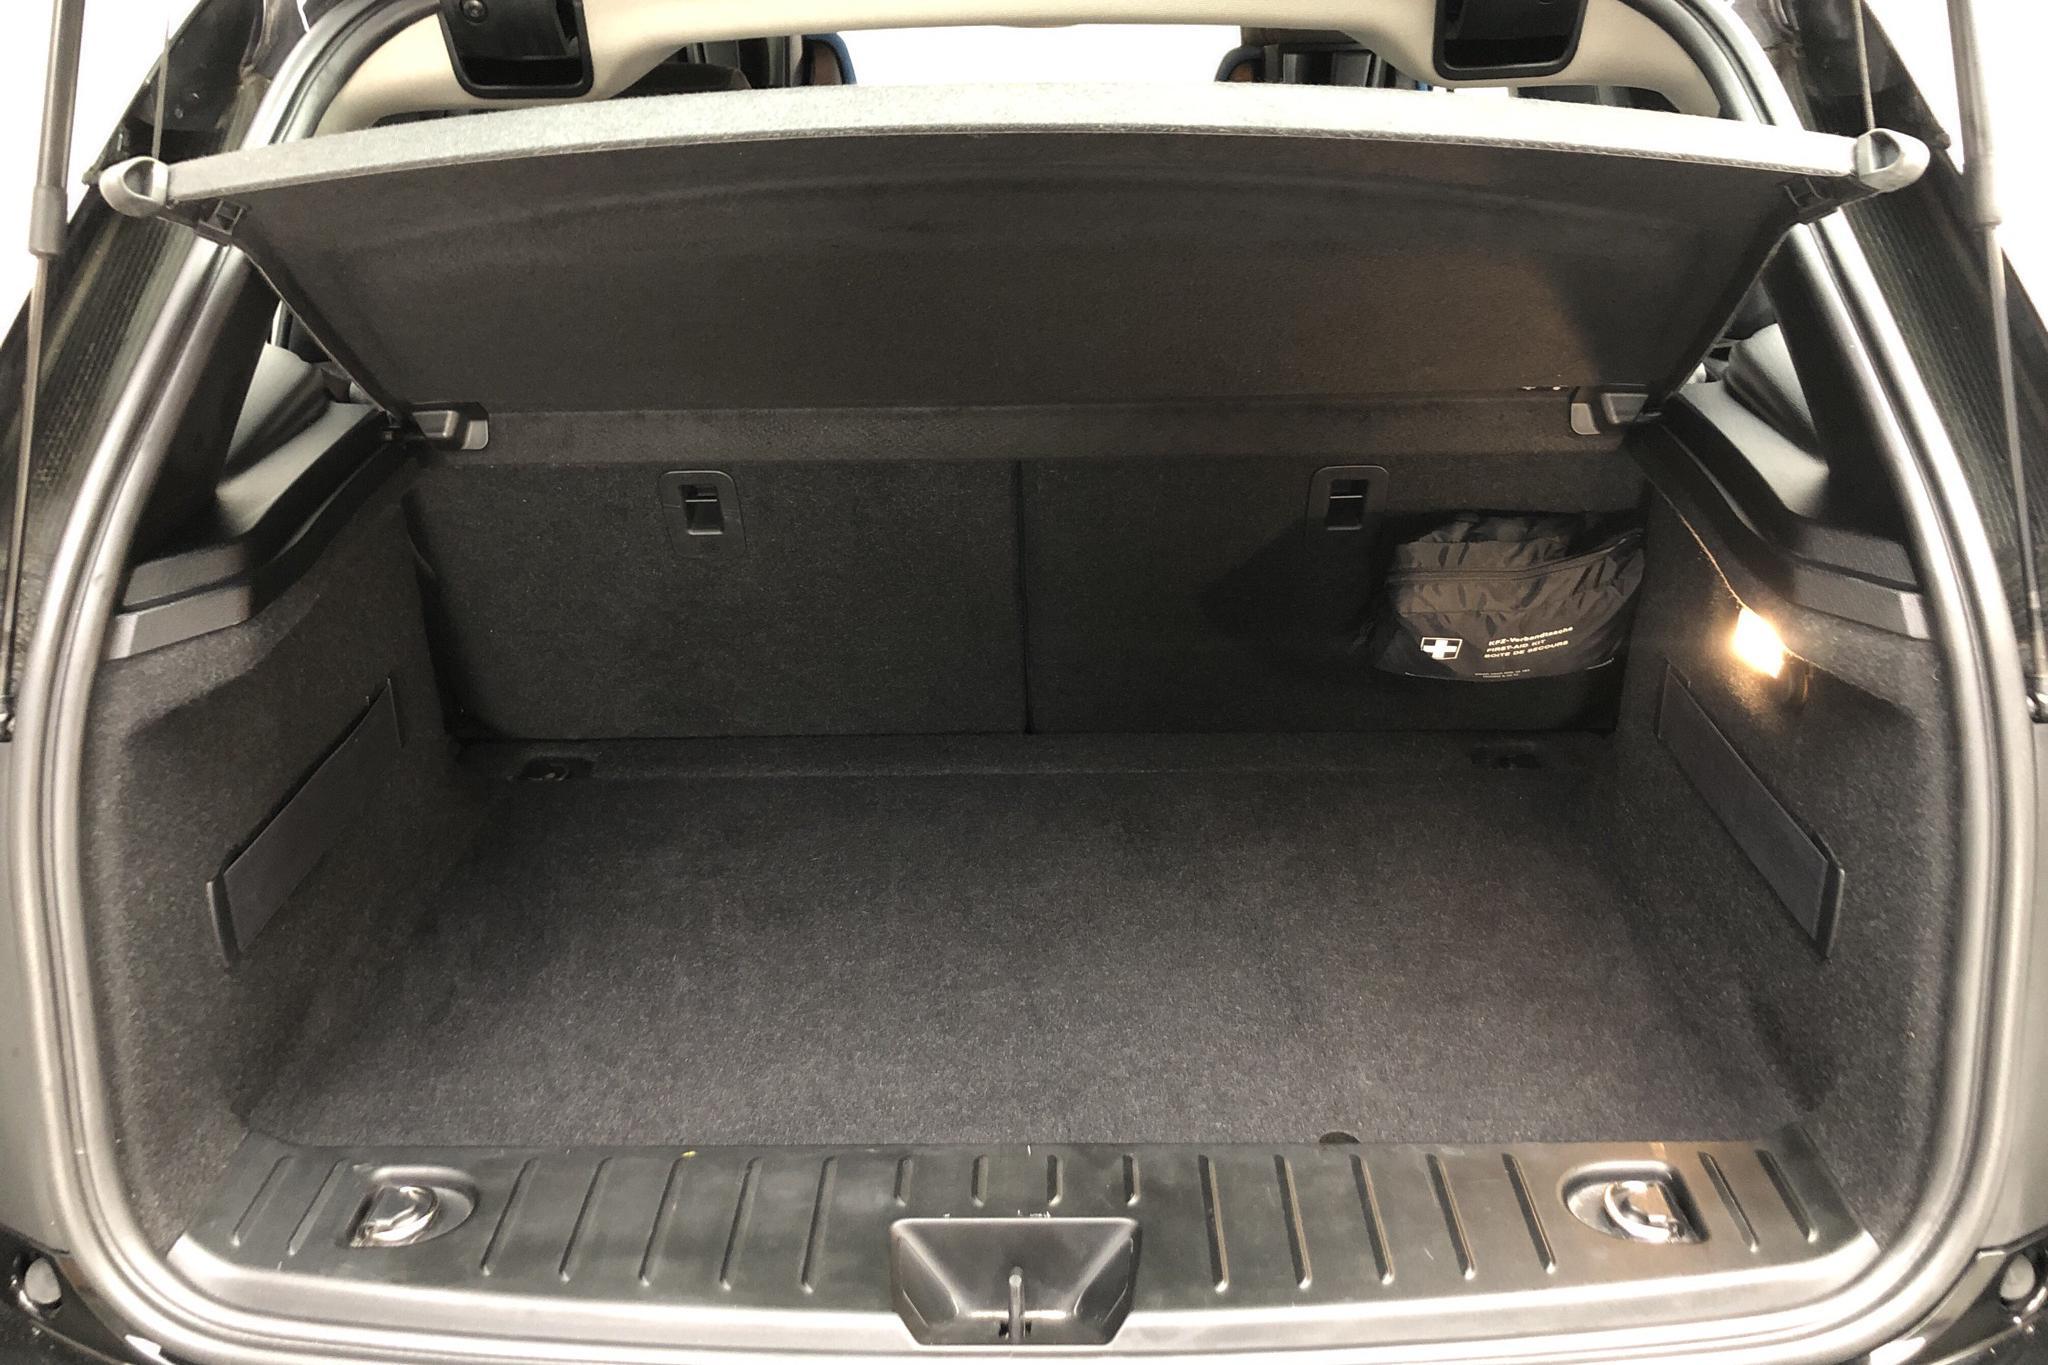 BMW i3 60Ah REX, I01 (170hk) - 111 020 km - Automatic - gray - 2016